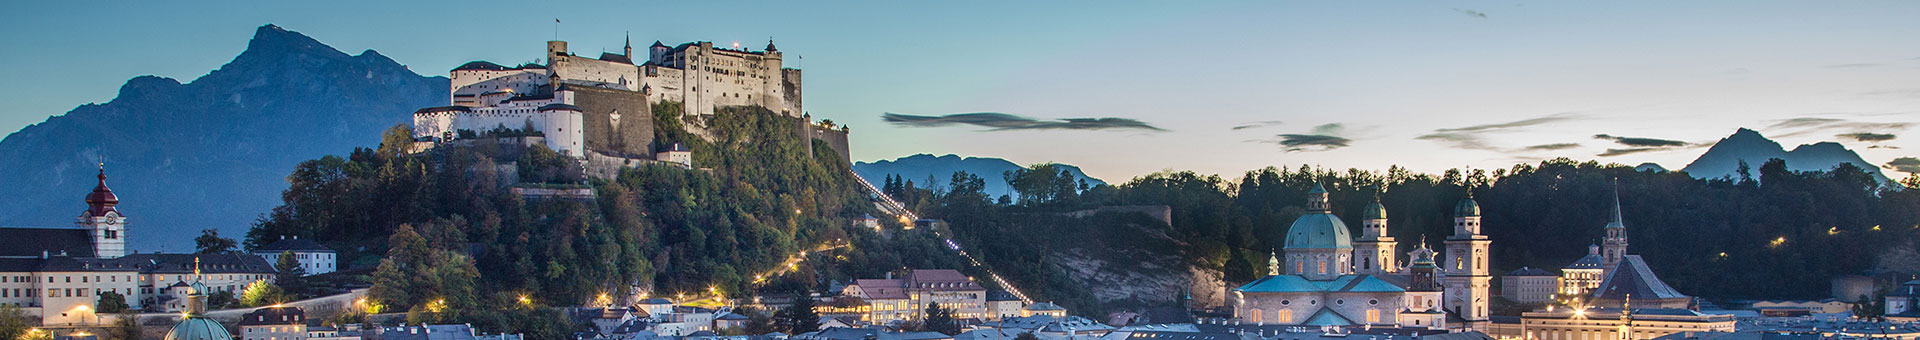 Tagesausflüge - Stadt Salzburg